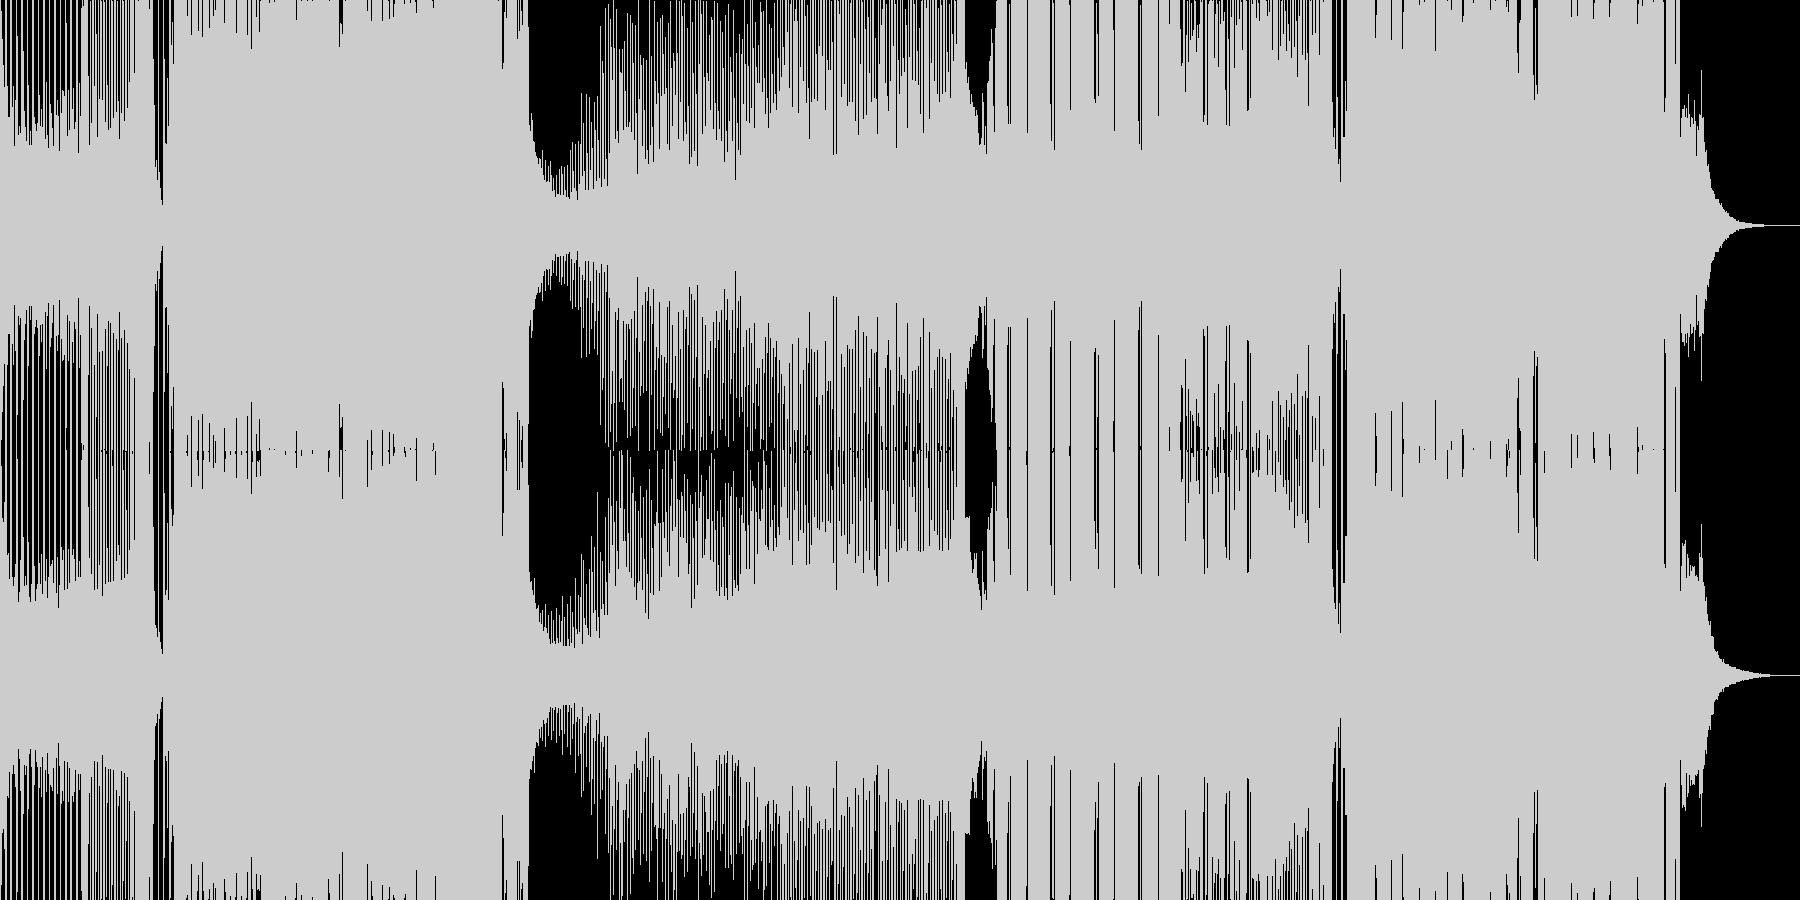 パリピ アゲアゲ ハードスタイル EDMの未再生の波形